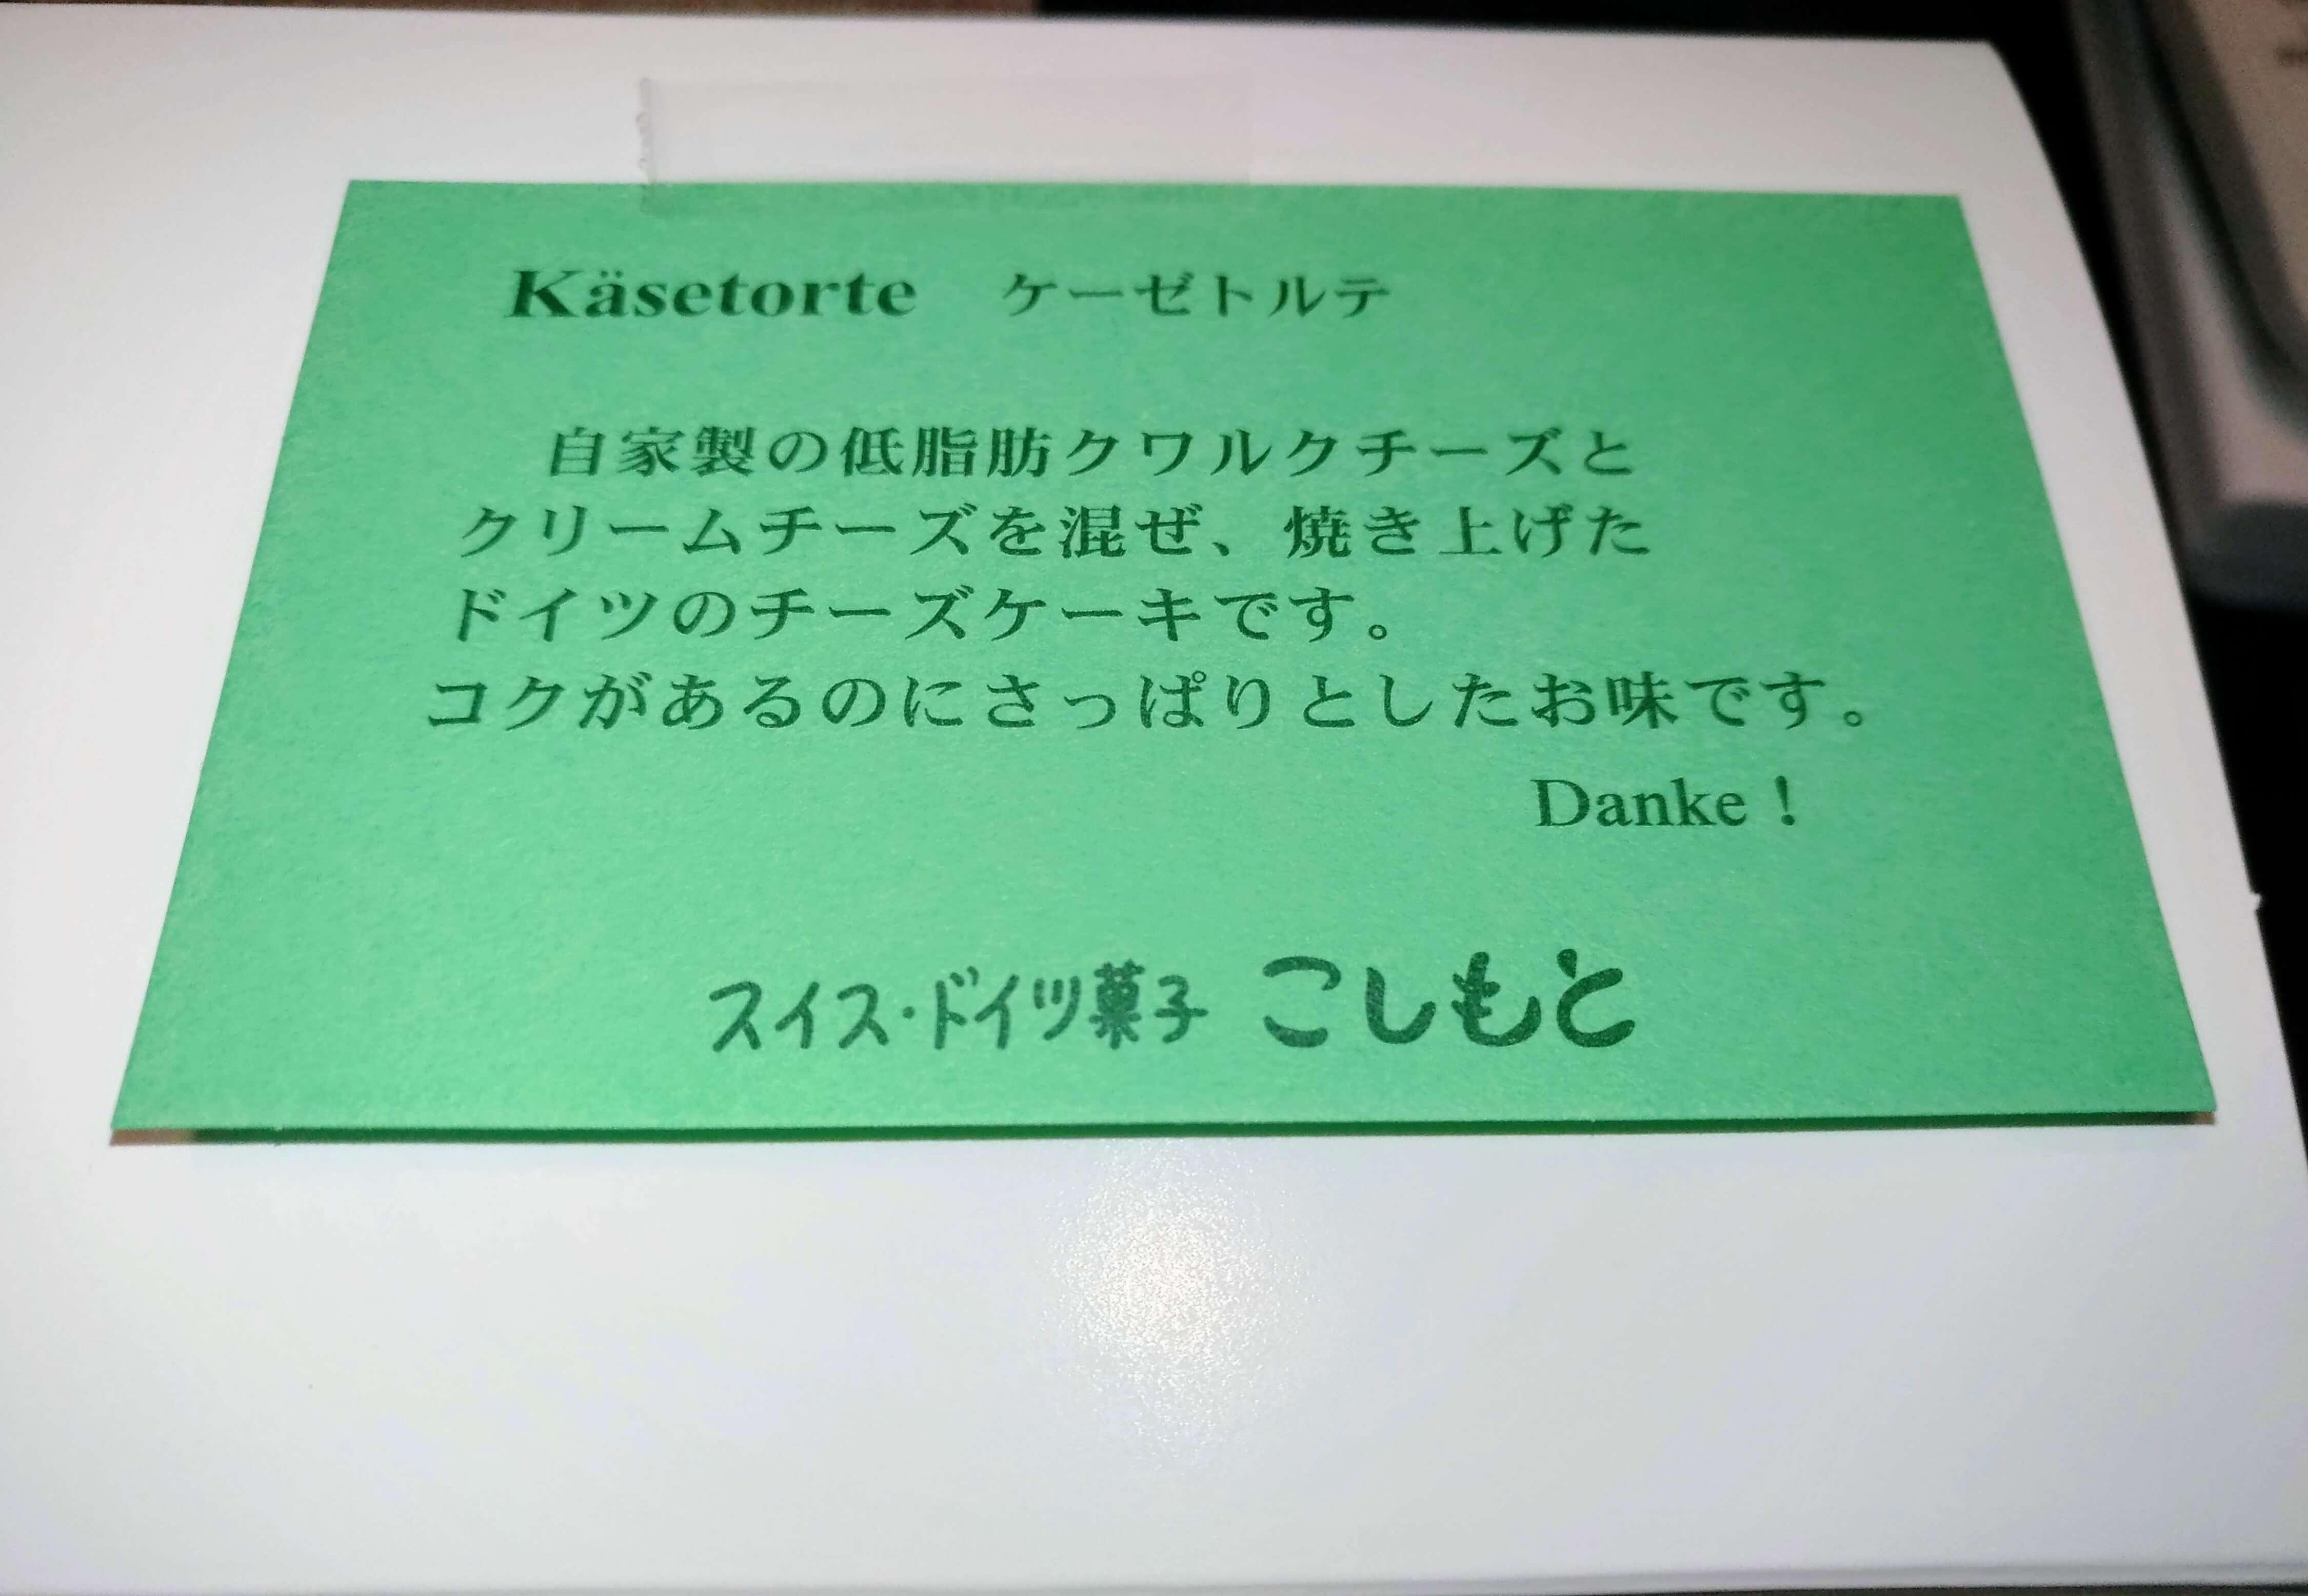 都立家政「こしもと」ケーゼトルテ (12)